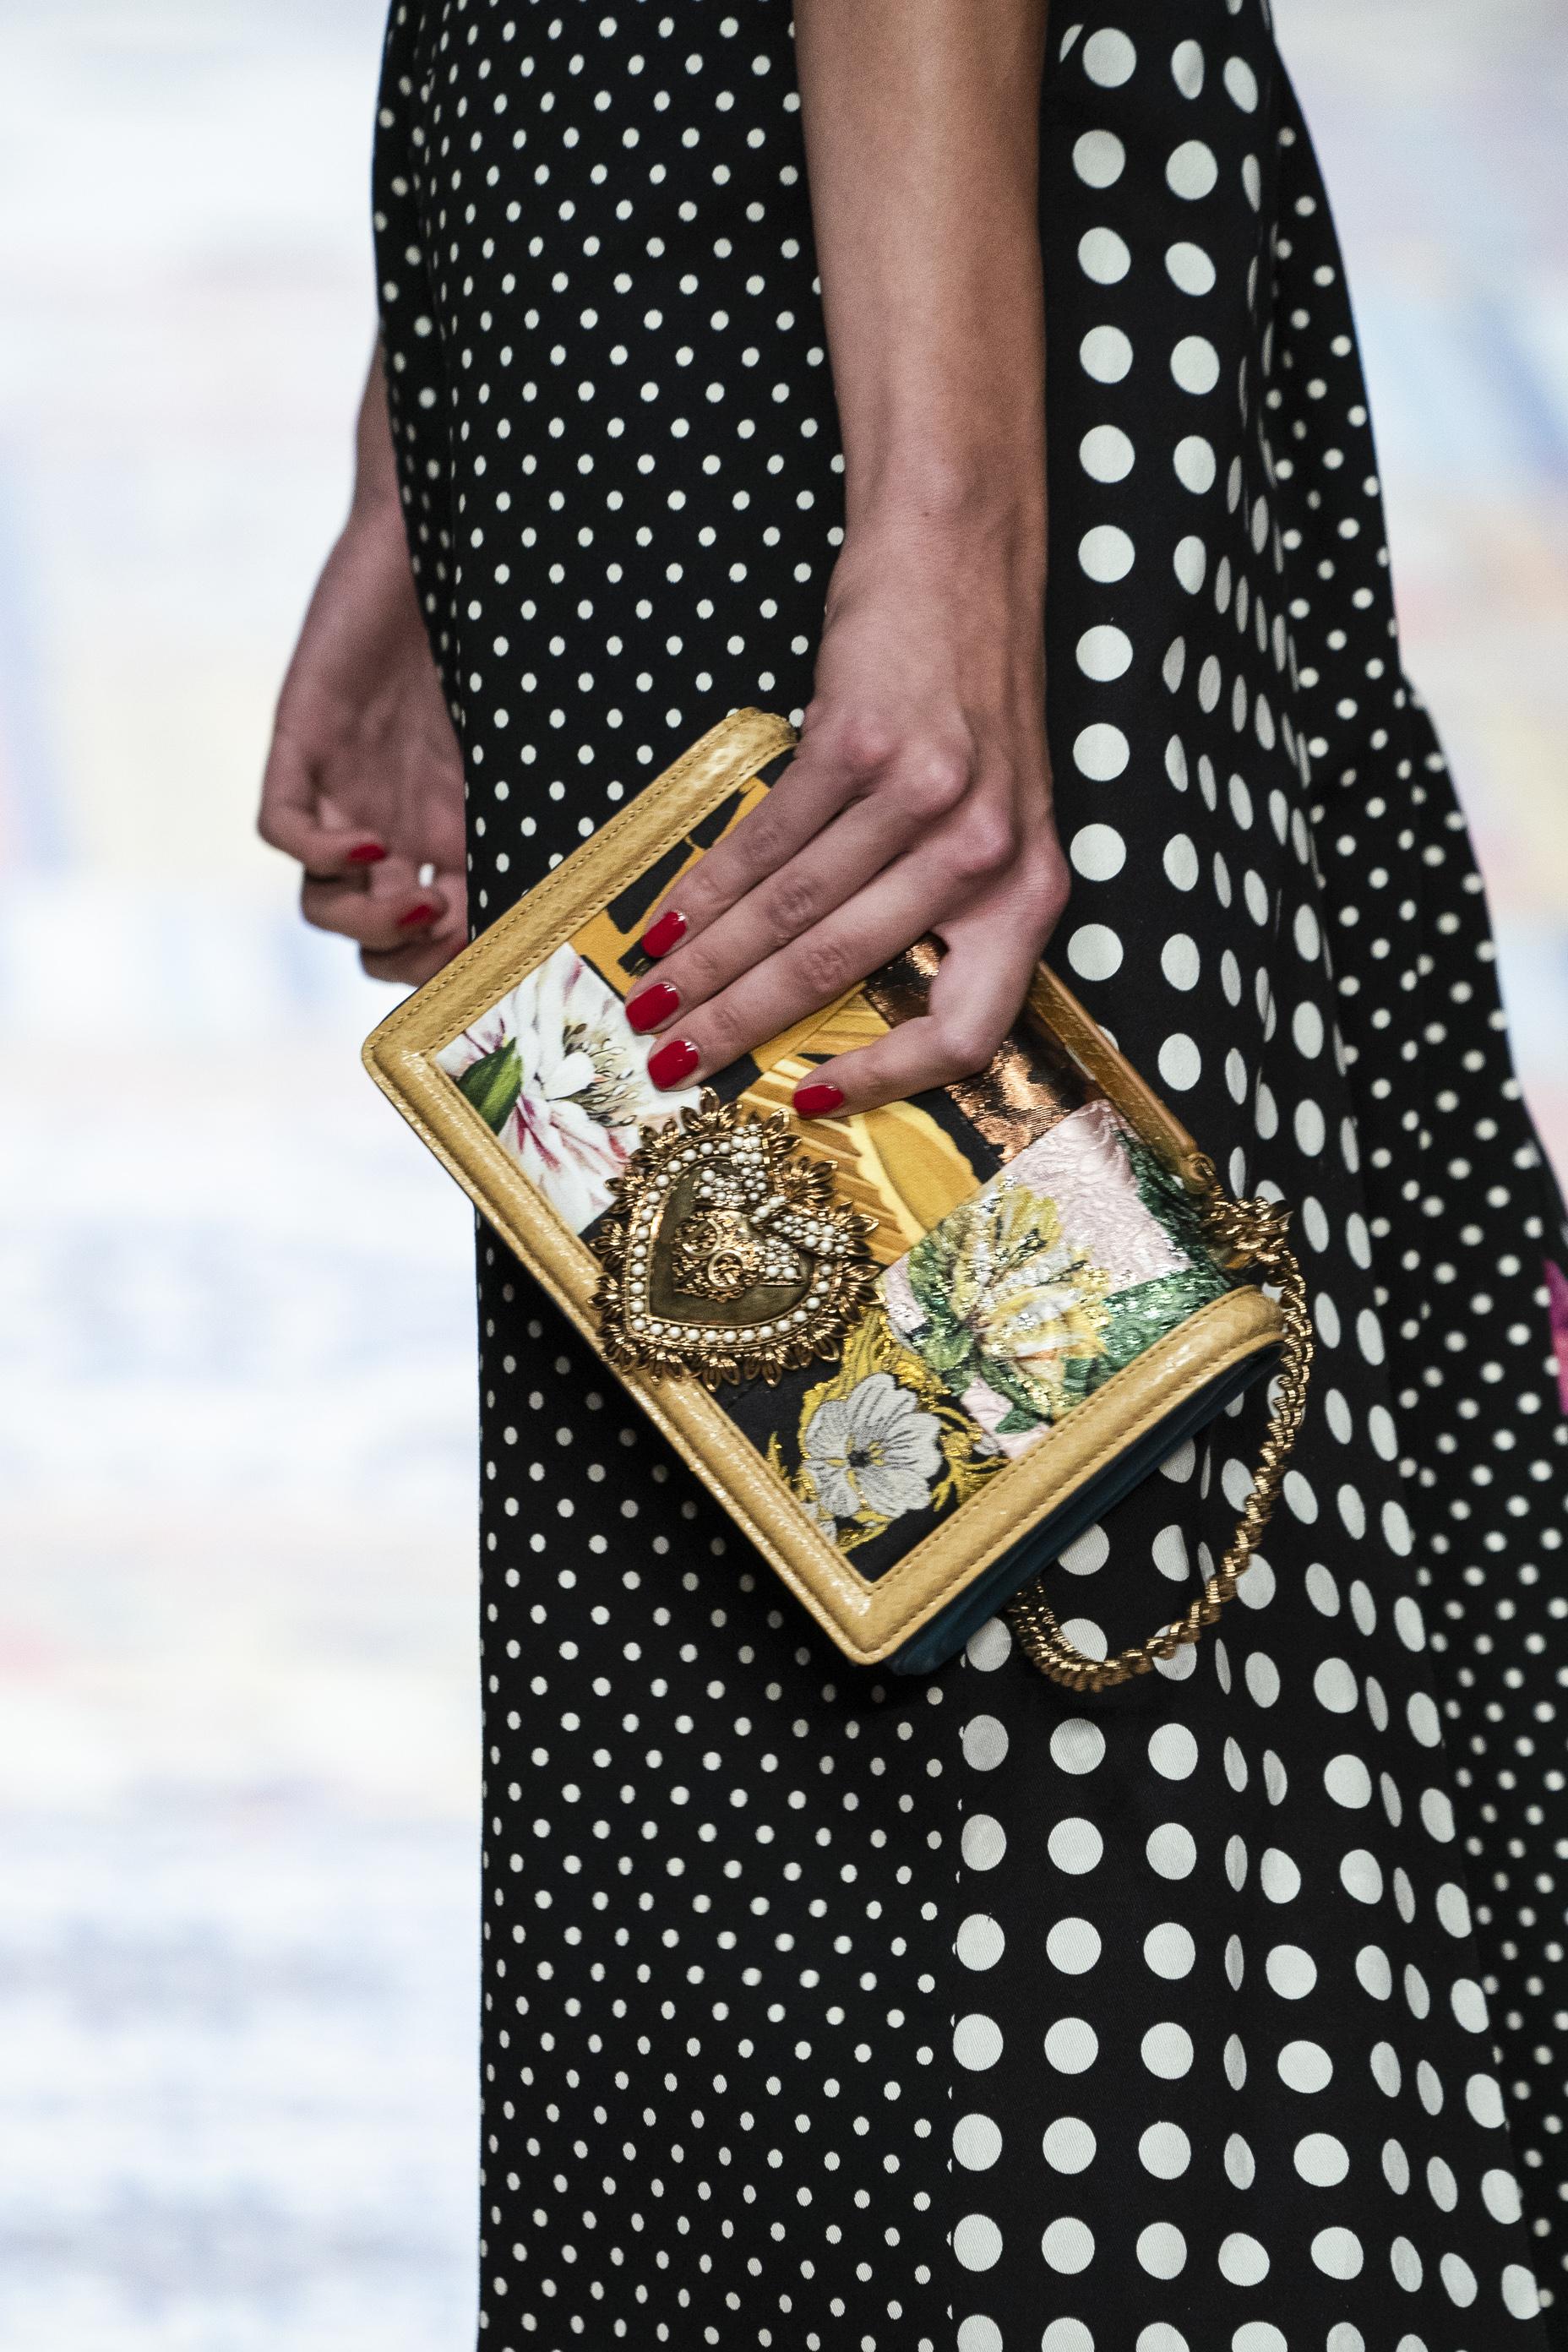 كلاتش من دولتشي أند غابانا Dolce&Gabbana